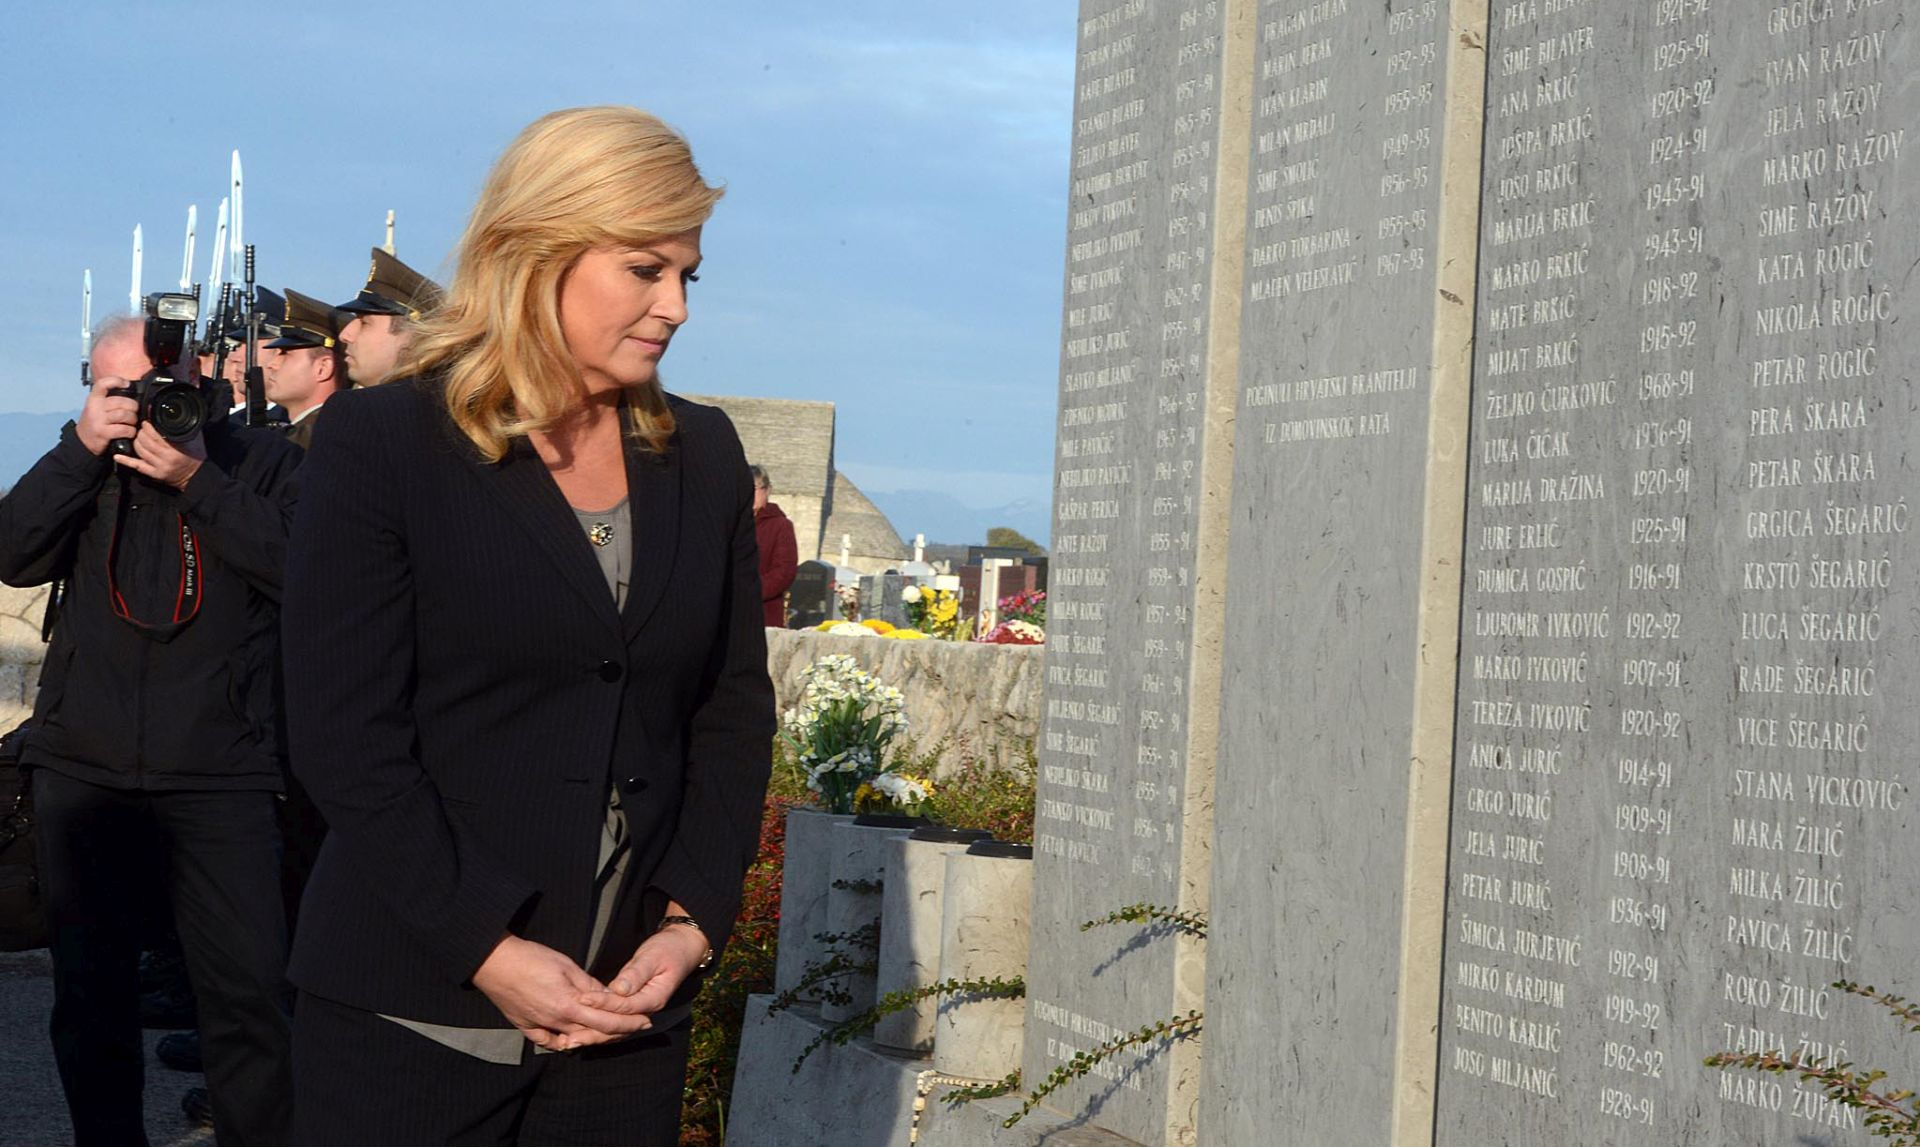 GODIŠNJICA TRAGEDIJE: Predsjednica odala počast ubijenima u Škabrnji